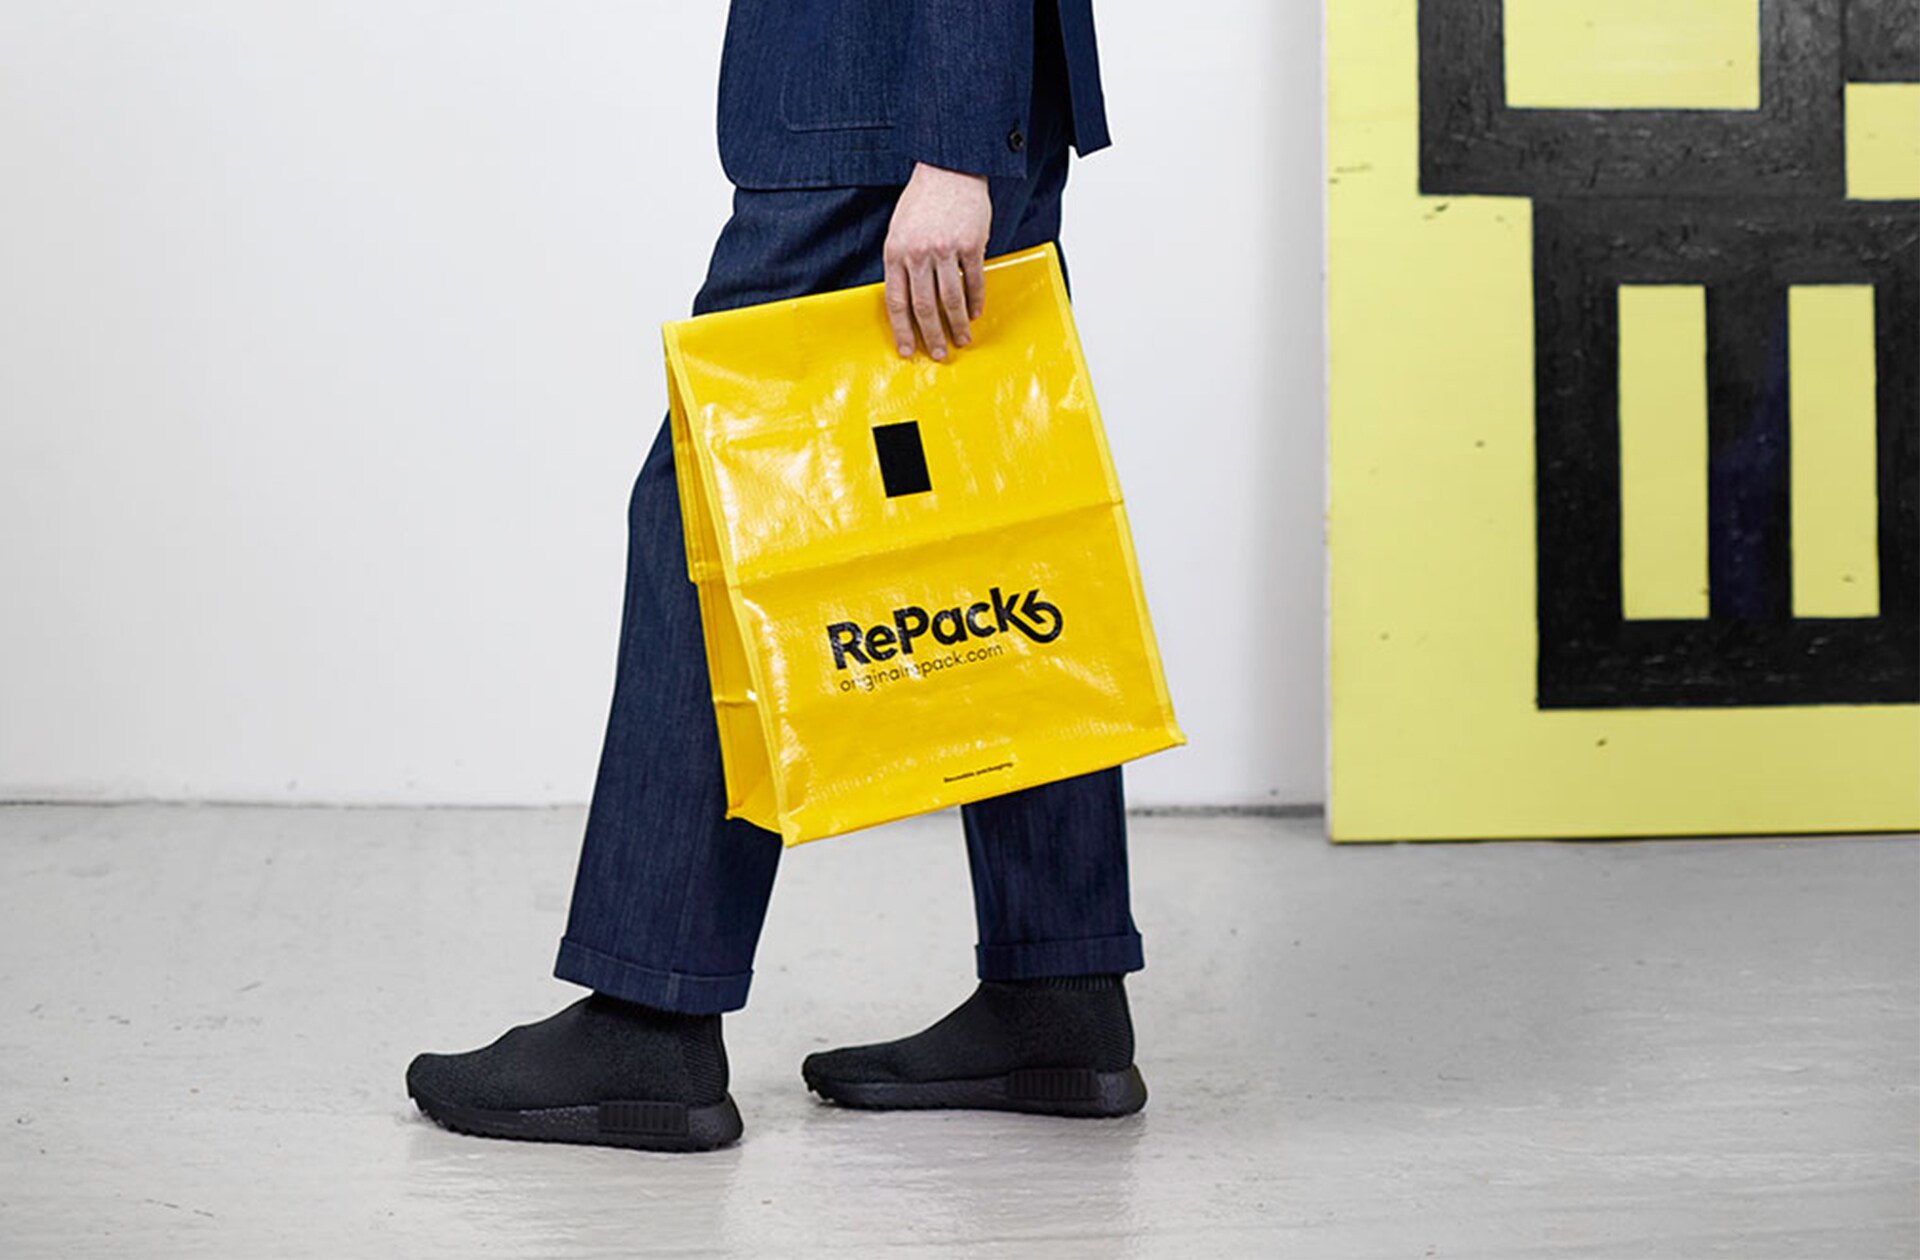 RePack predstavlja embalažo kot storitev za spletne trgovine. Namesto embalaže za enkratno uporabo za spletna naročila, ki se jo sicer zavrže na tone, RePack ponuja možnost večkratne uporabe embalaže. Kupci lahko embalažo za naročila brezplačno vrnejo, tako da jo oddajo v navaden poštni nabiralnik od koder koli na svetu. Vrnjeno embalažo se očisti in pošlje nazaj v spletne trgovine, ki sodelujejo v projektu.